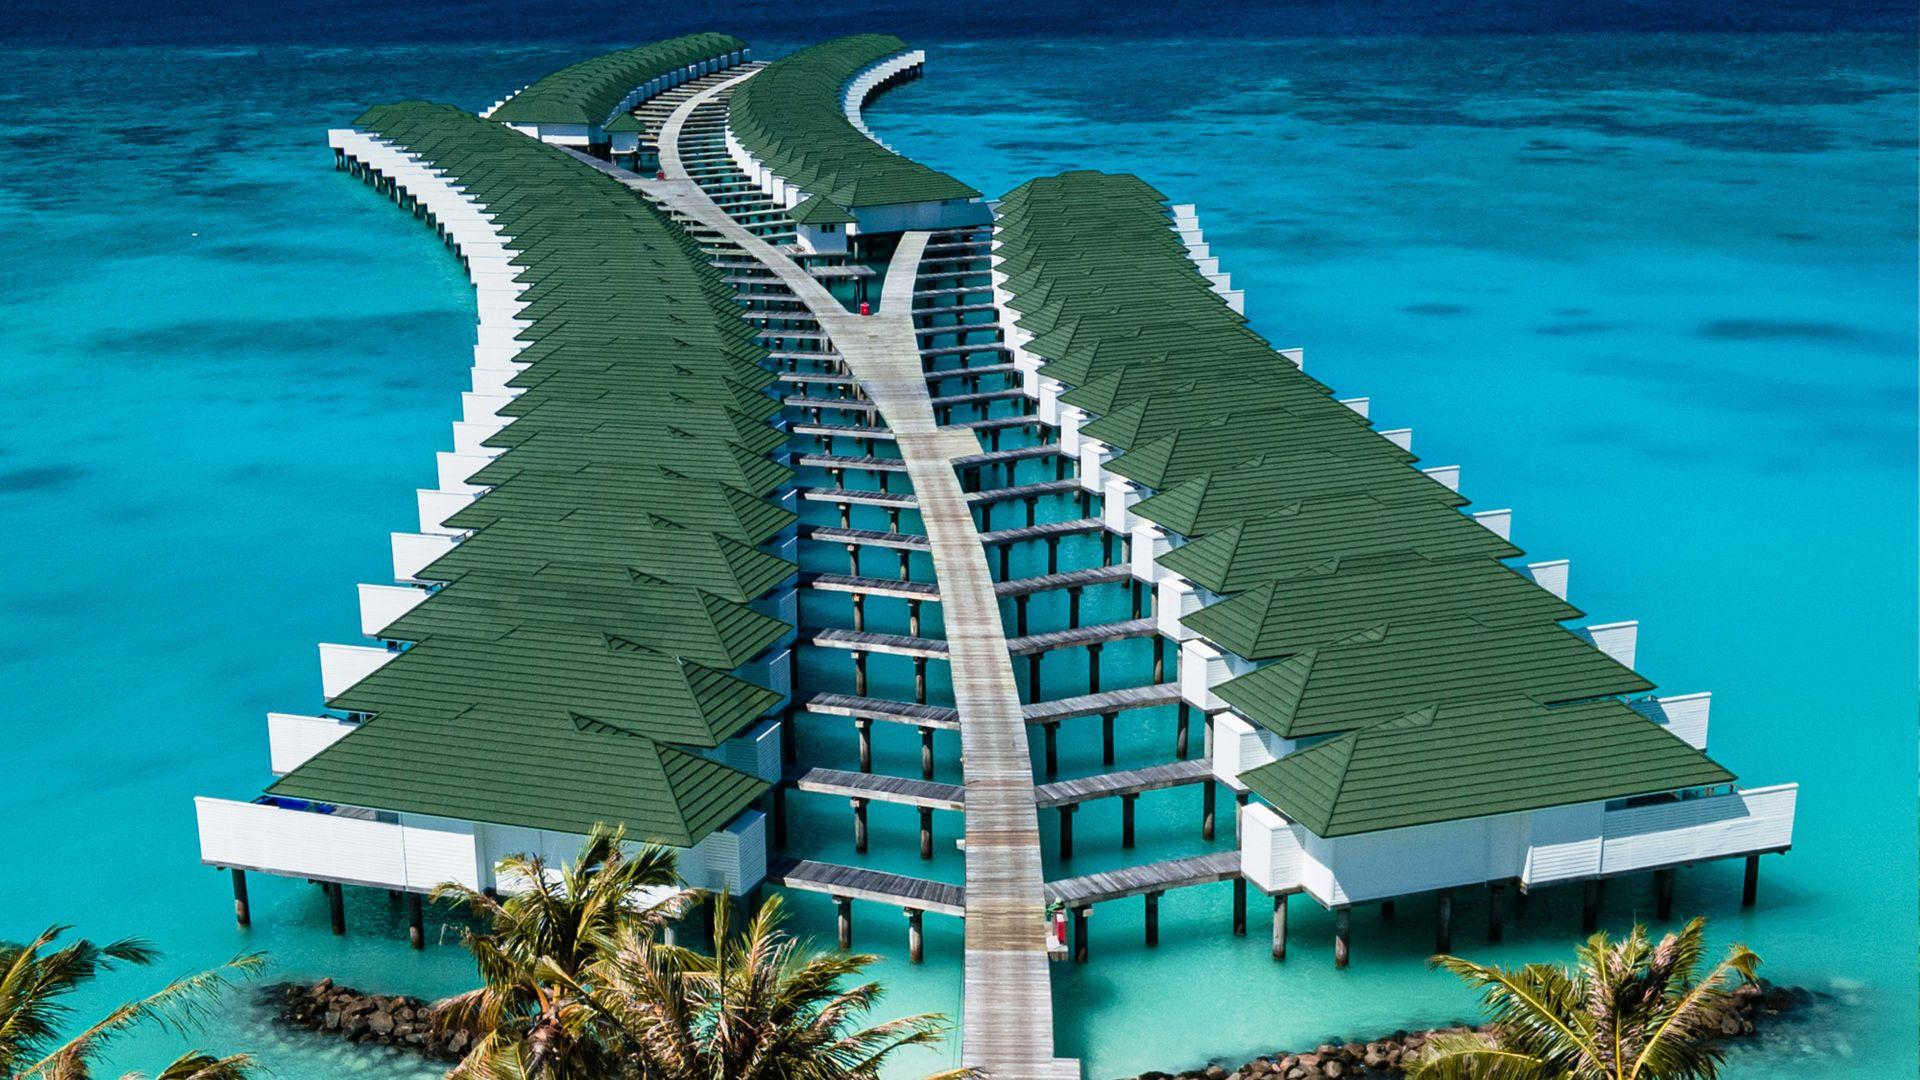 Sejur Charter Luxury All Inclusive Maldive 10 zile, cu Razvan Pascu - ianuarie 2022